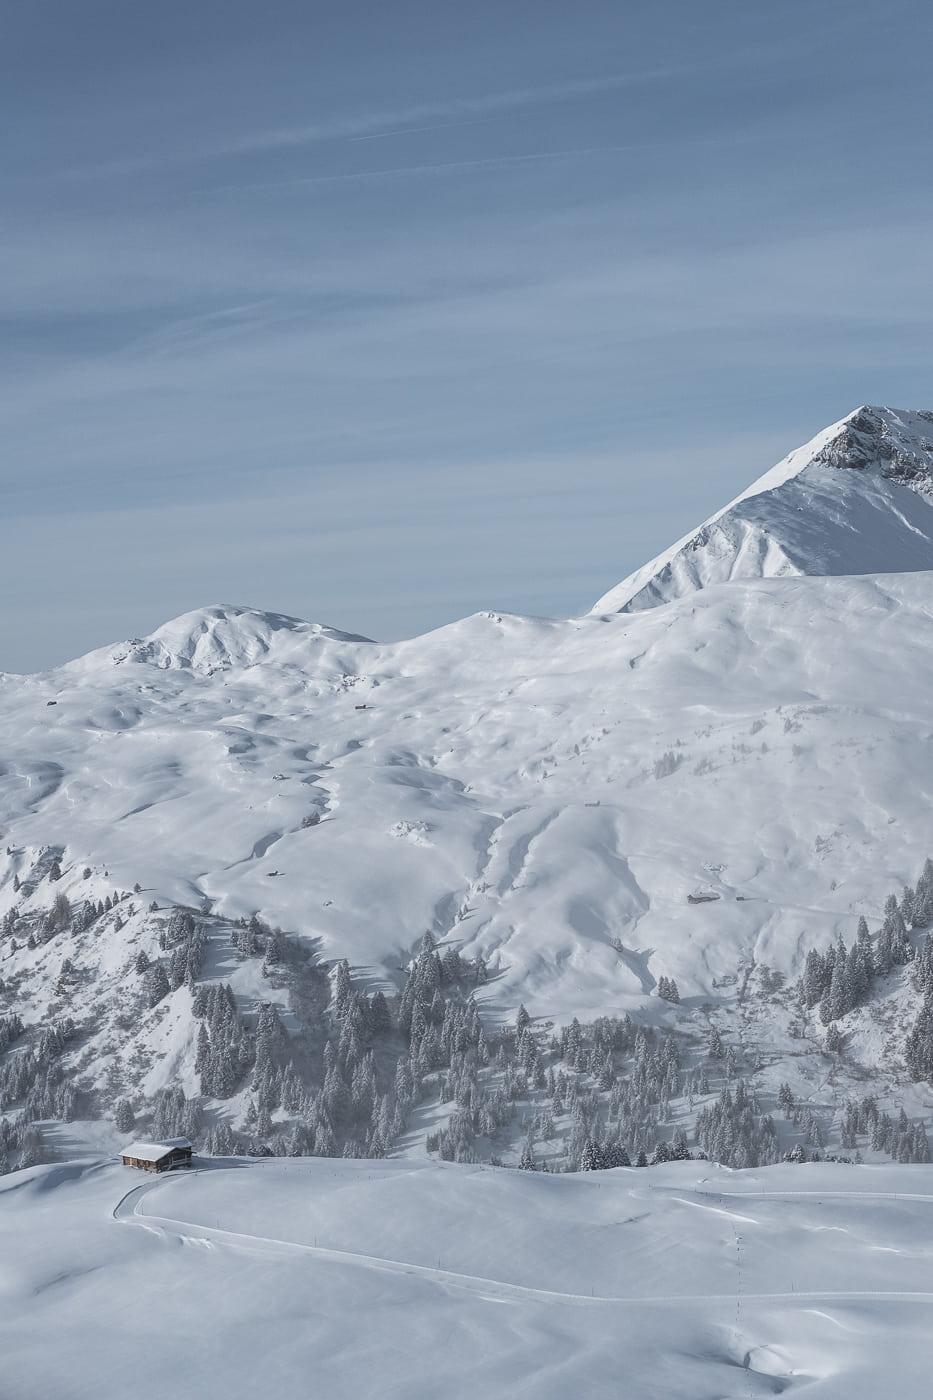 Haus in der Schneelandschaft Adelboden Lenk